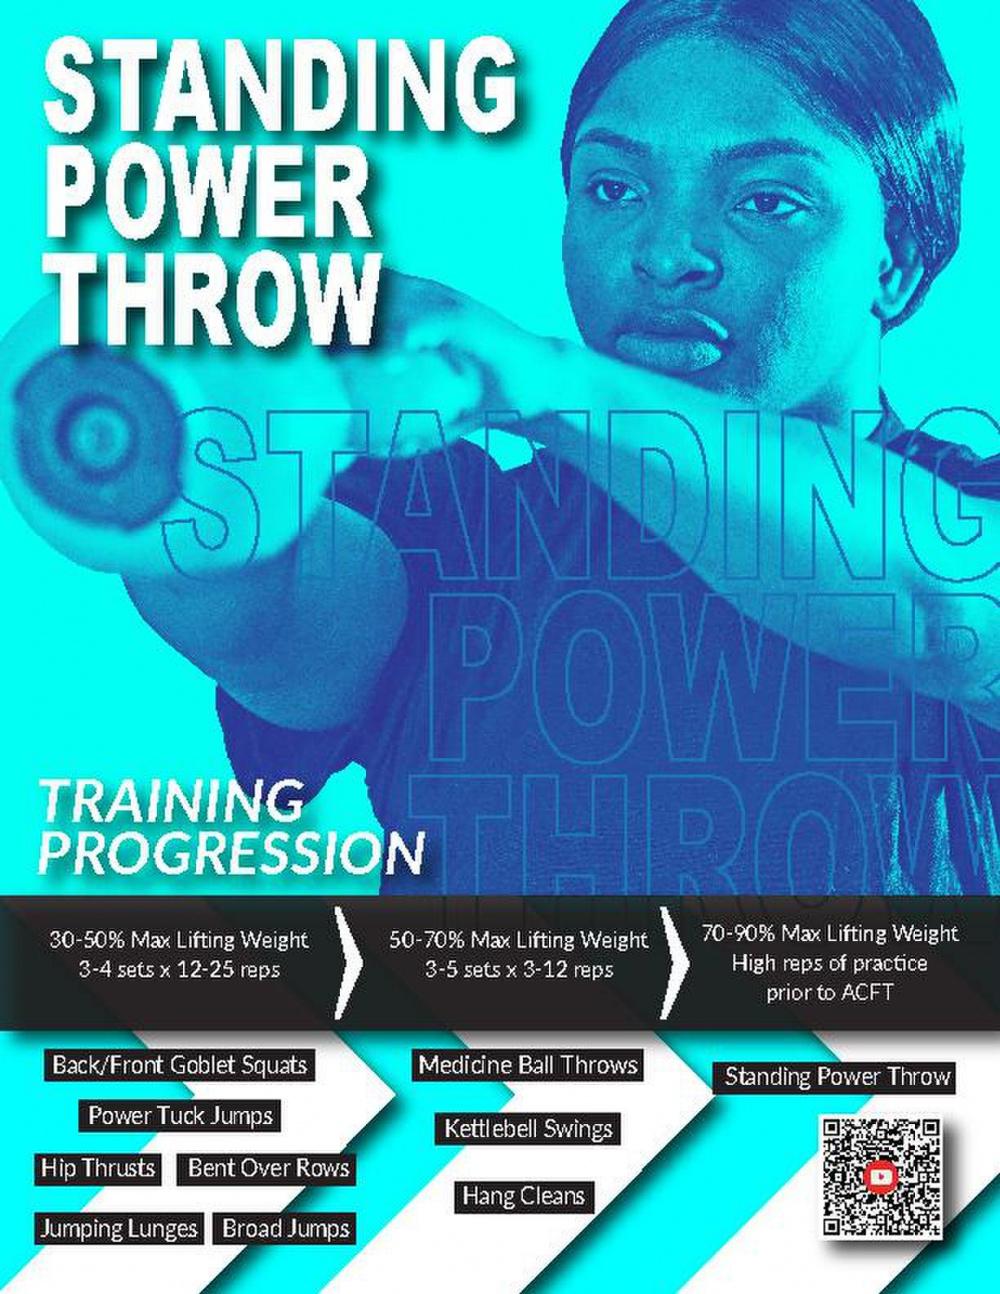 IMCOM-E ACFT Training Progression